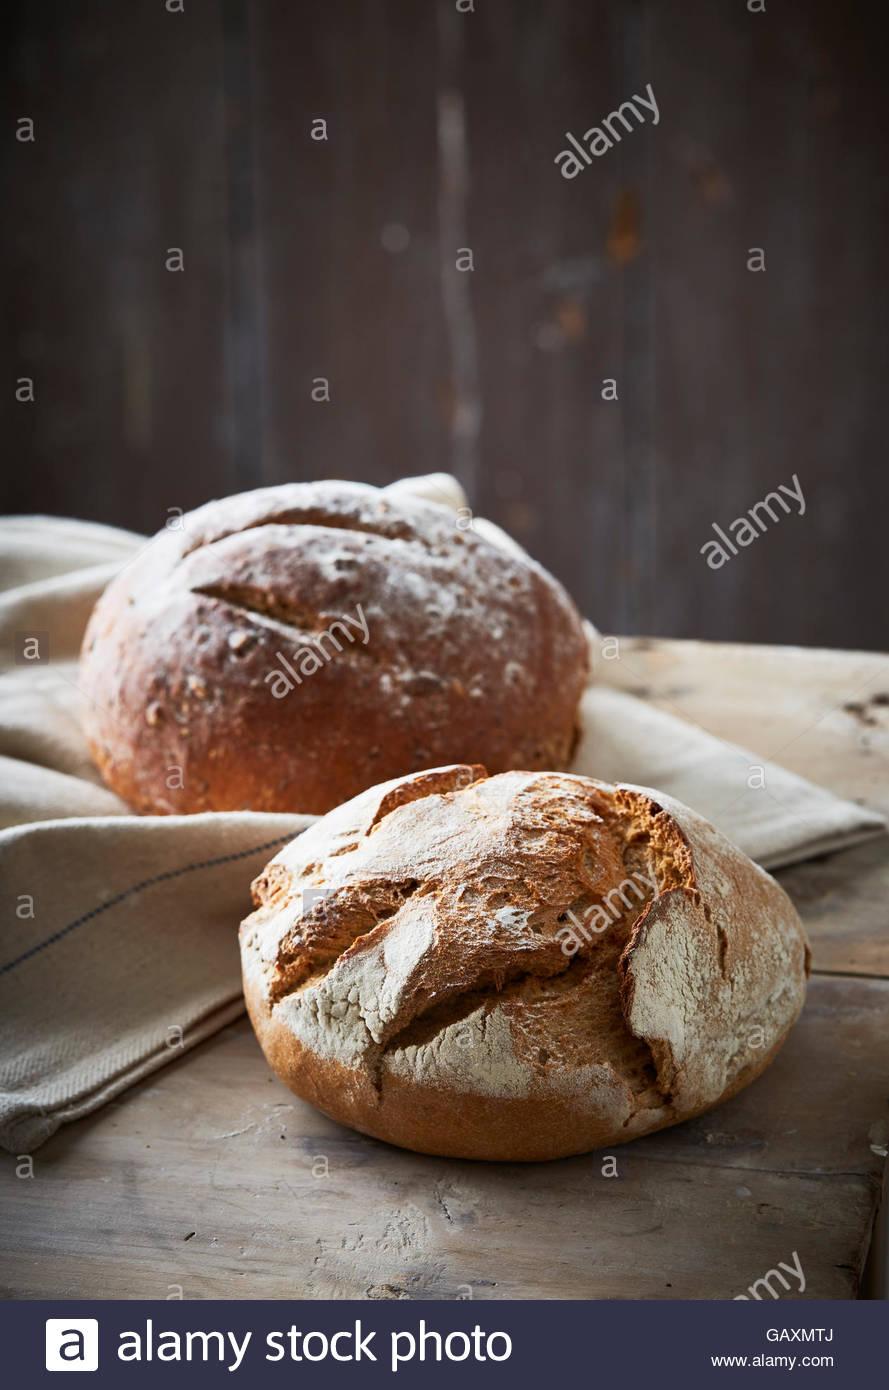 Deux pains de boulangerie artisanale sur fond sombre avec tissu en lin Photo Stock